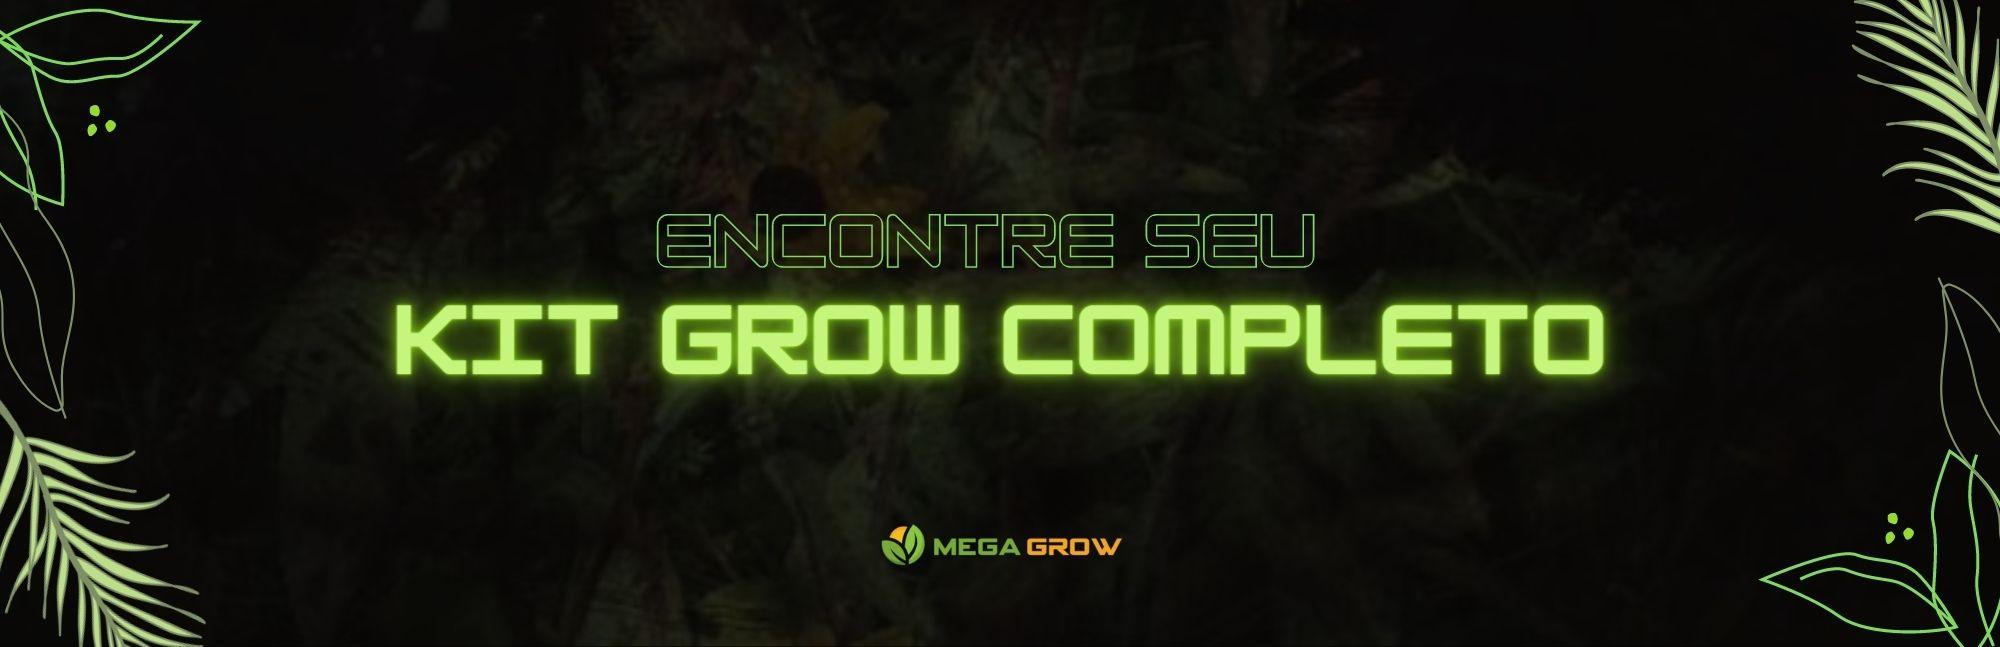 KIt Grow